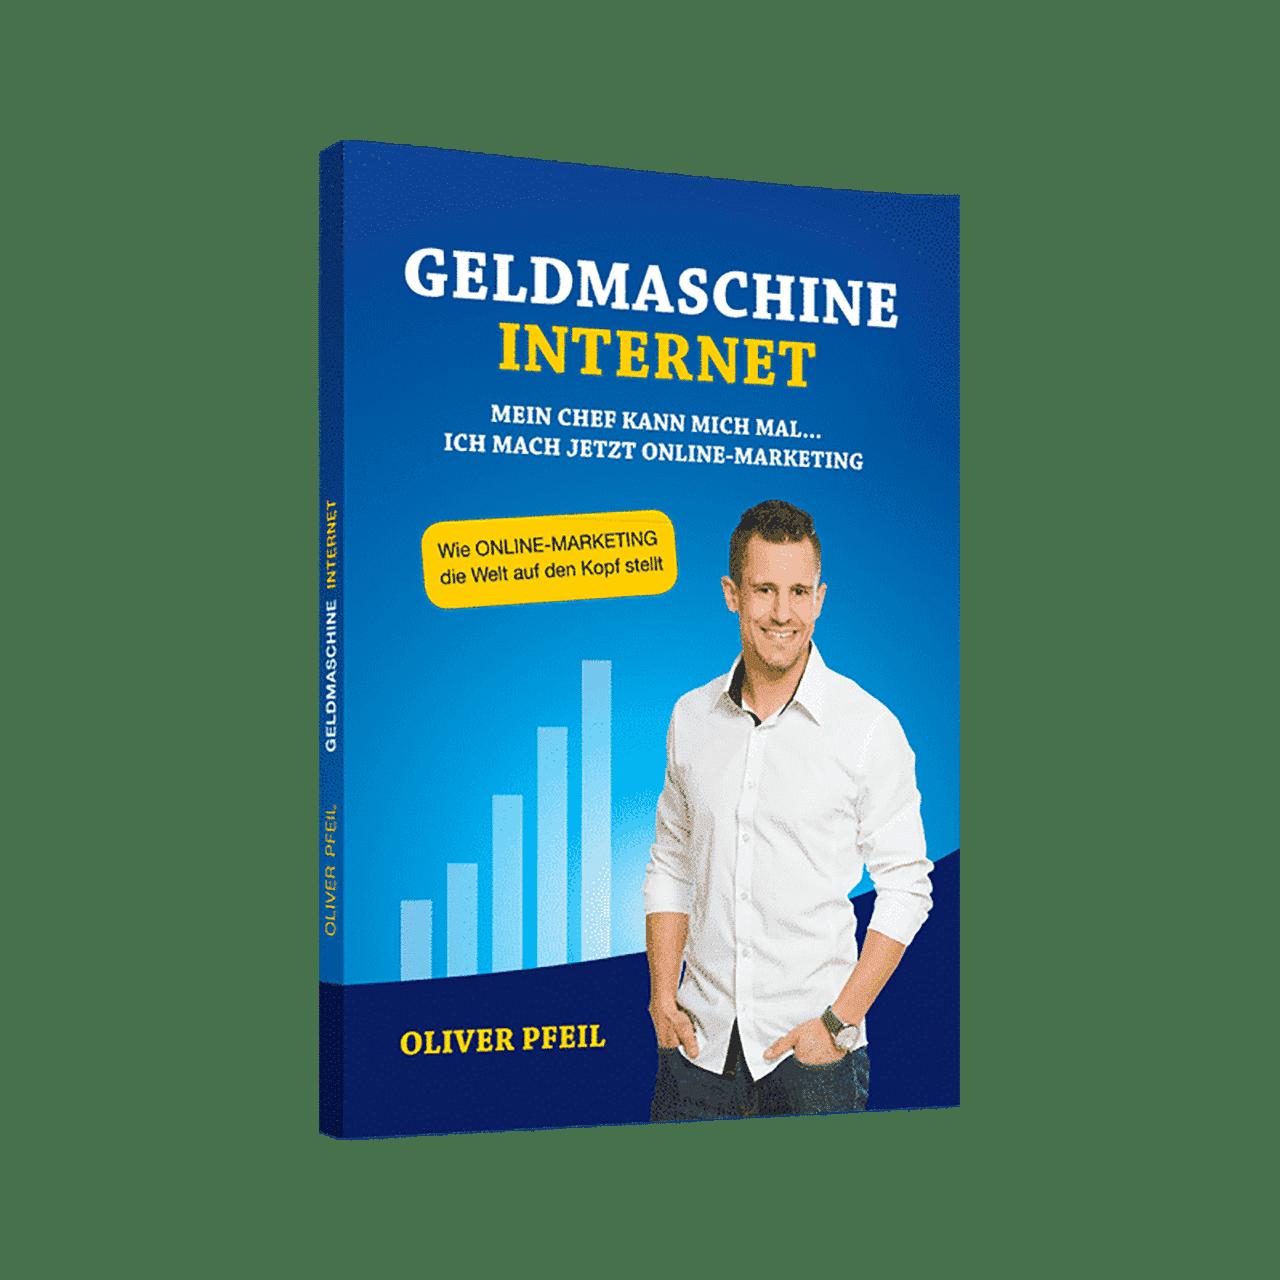 Geldmaschine Internet - Free Plus Shipping Buch von Oliver Pfeil